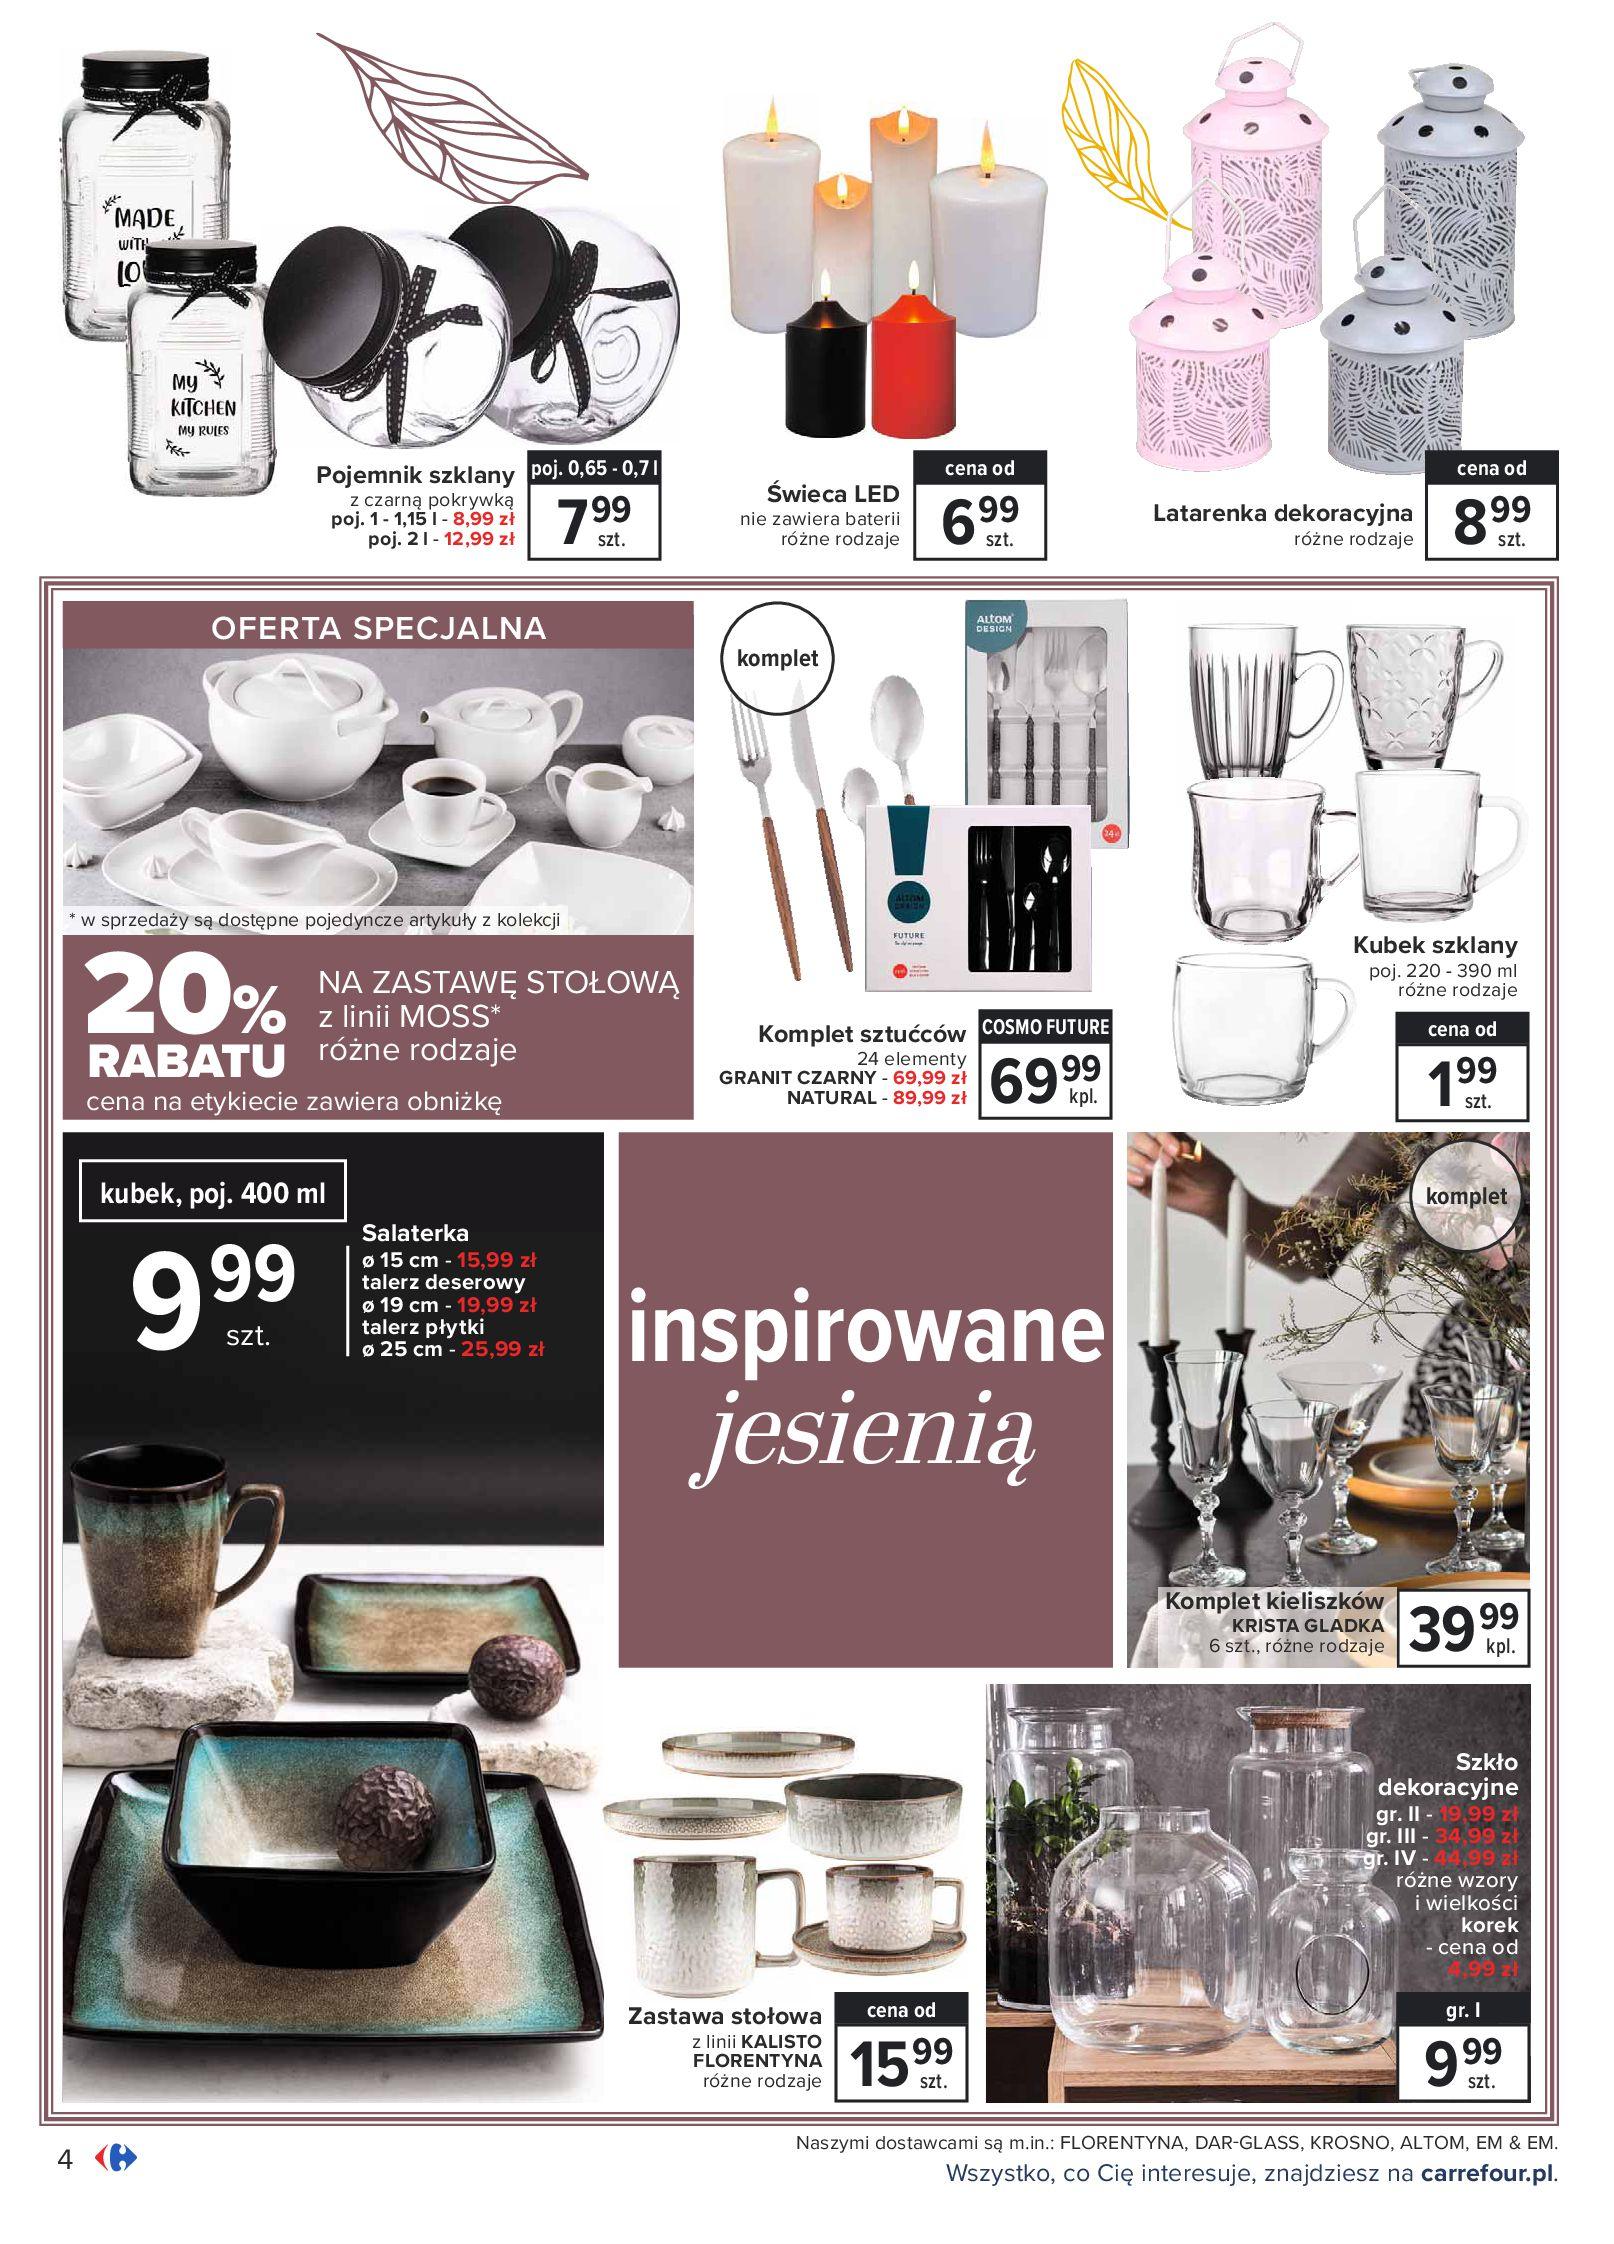 Gazetka Carrefour: Gazetka Carrefour - Dom gotowy na Jesień! 2021-09-14 page-4